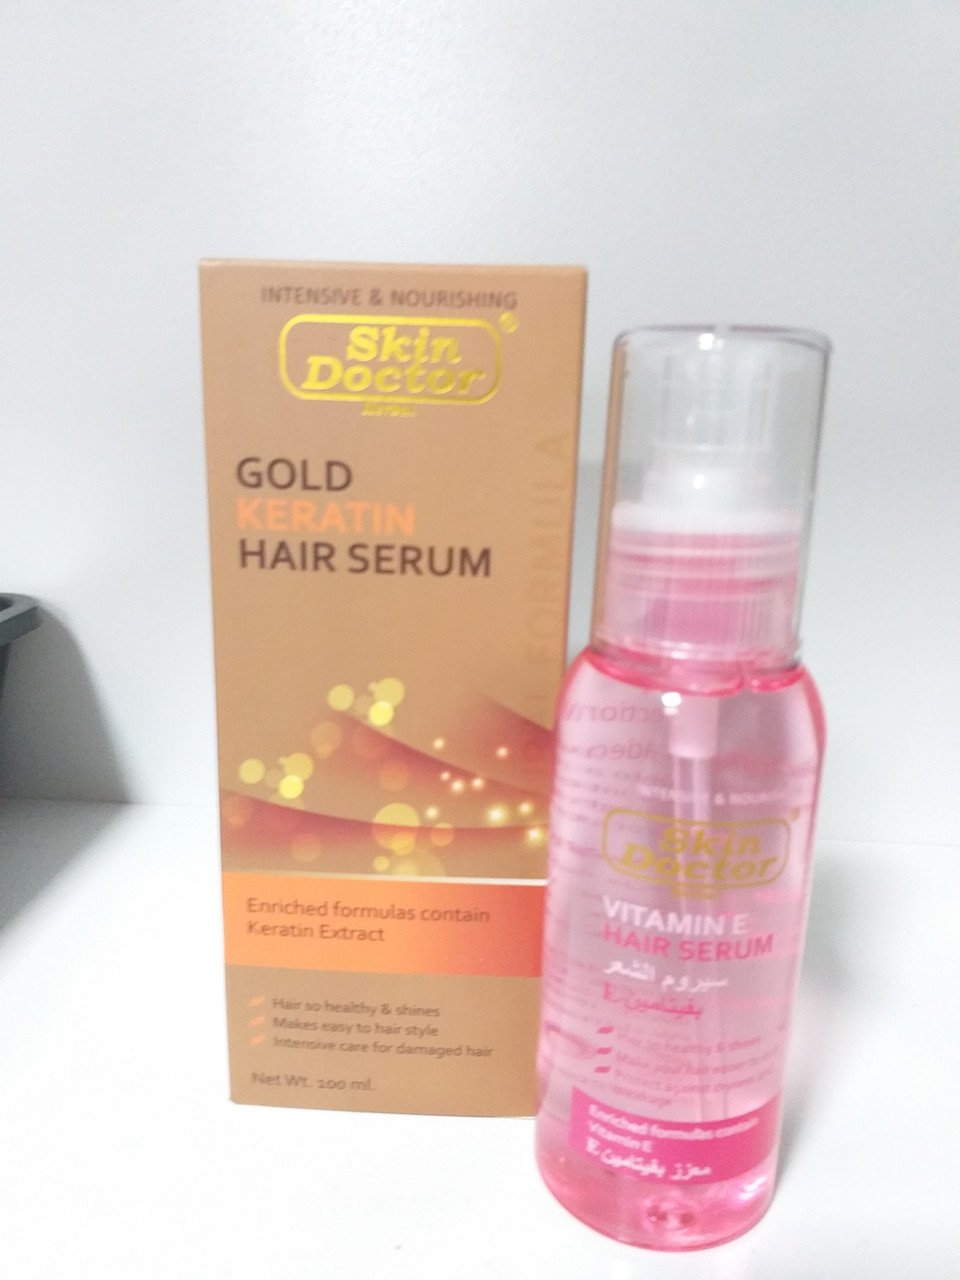 Золотая сыворотка для волос, с кератином,100 мл,Skin Doctor,Gold Keratin Hair Serum